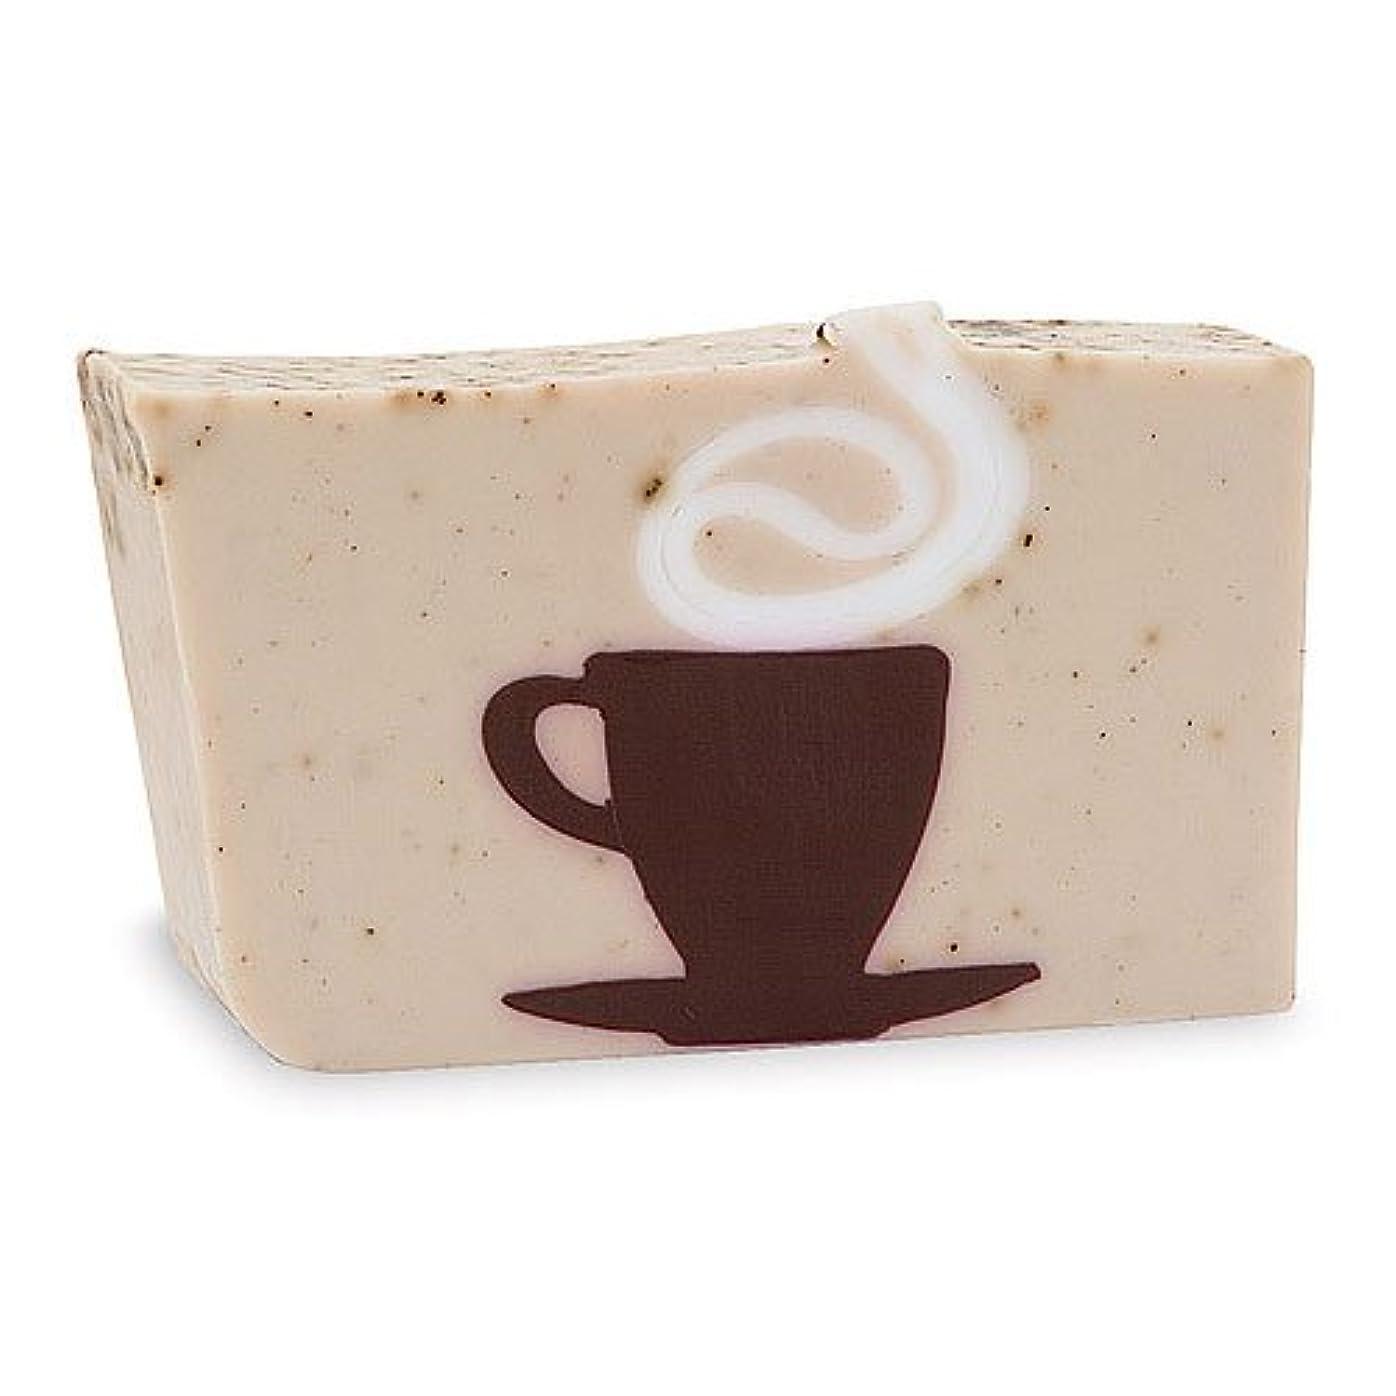 プライモールエレメンツ アロマティック ソープ カフェオレ 180g 植物性 ナチュラル 石鹸 無添加